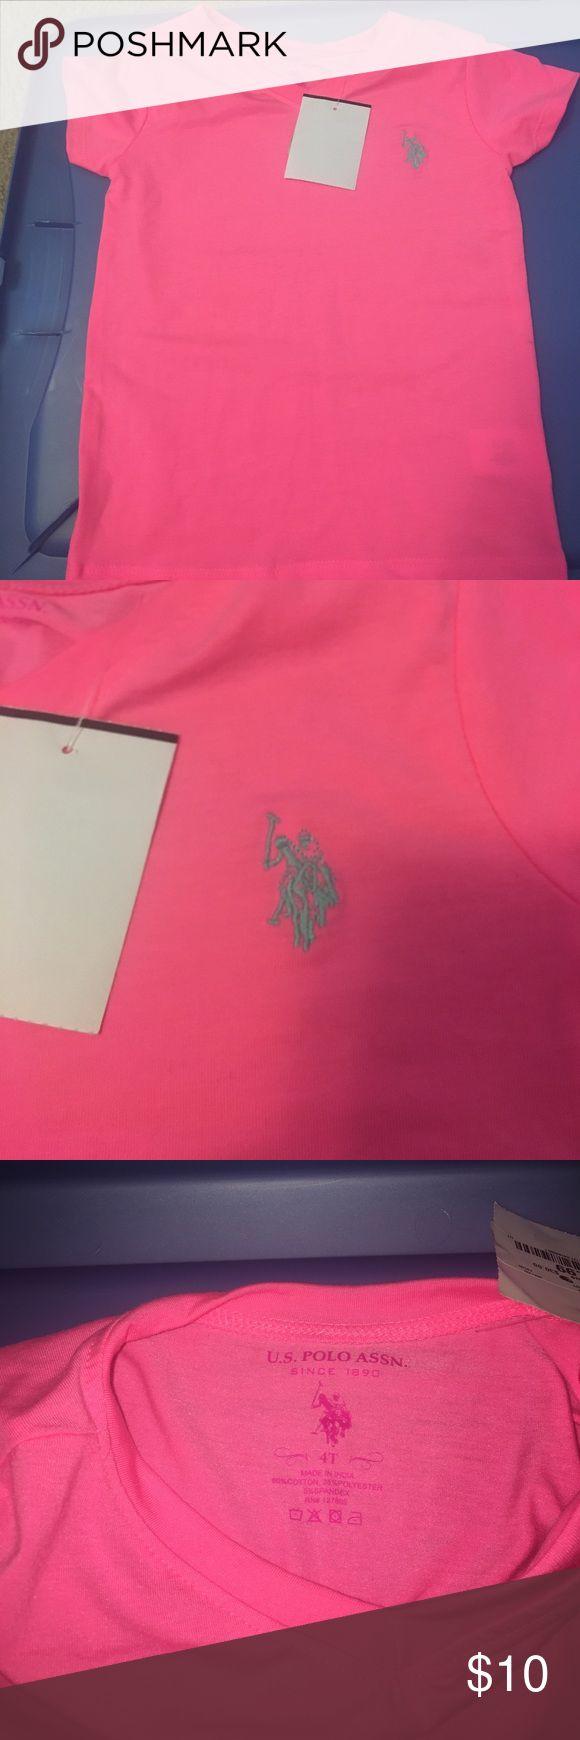 US Polo Association Tshirt NWT